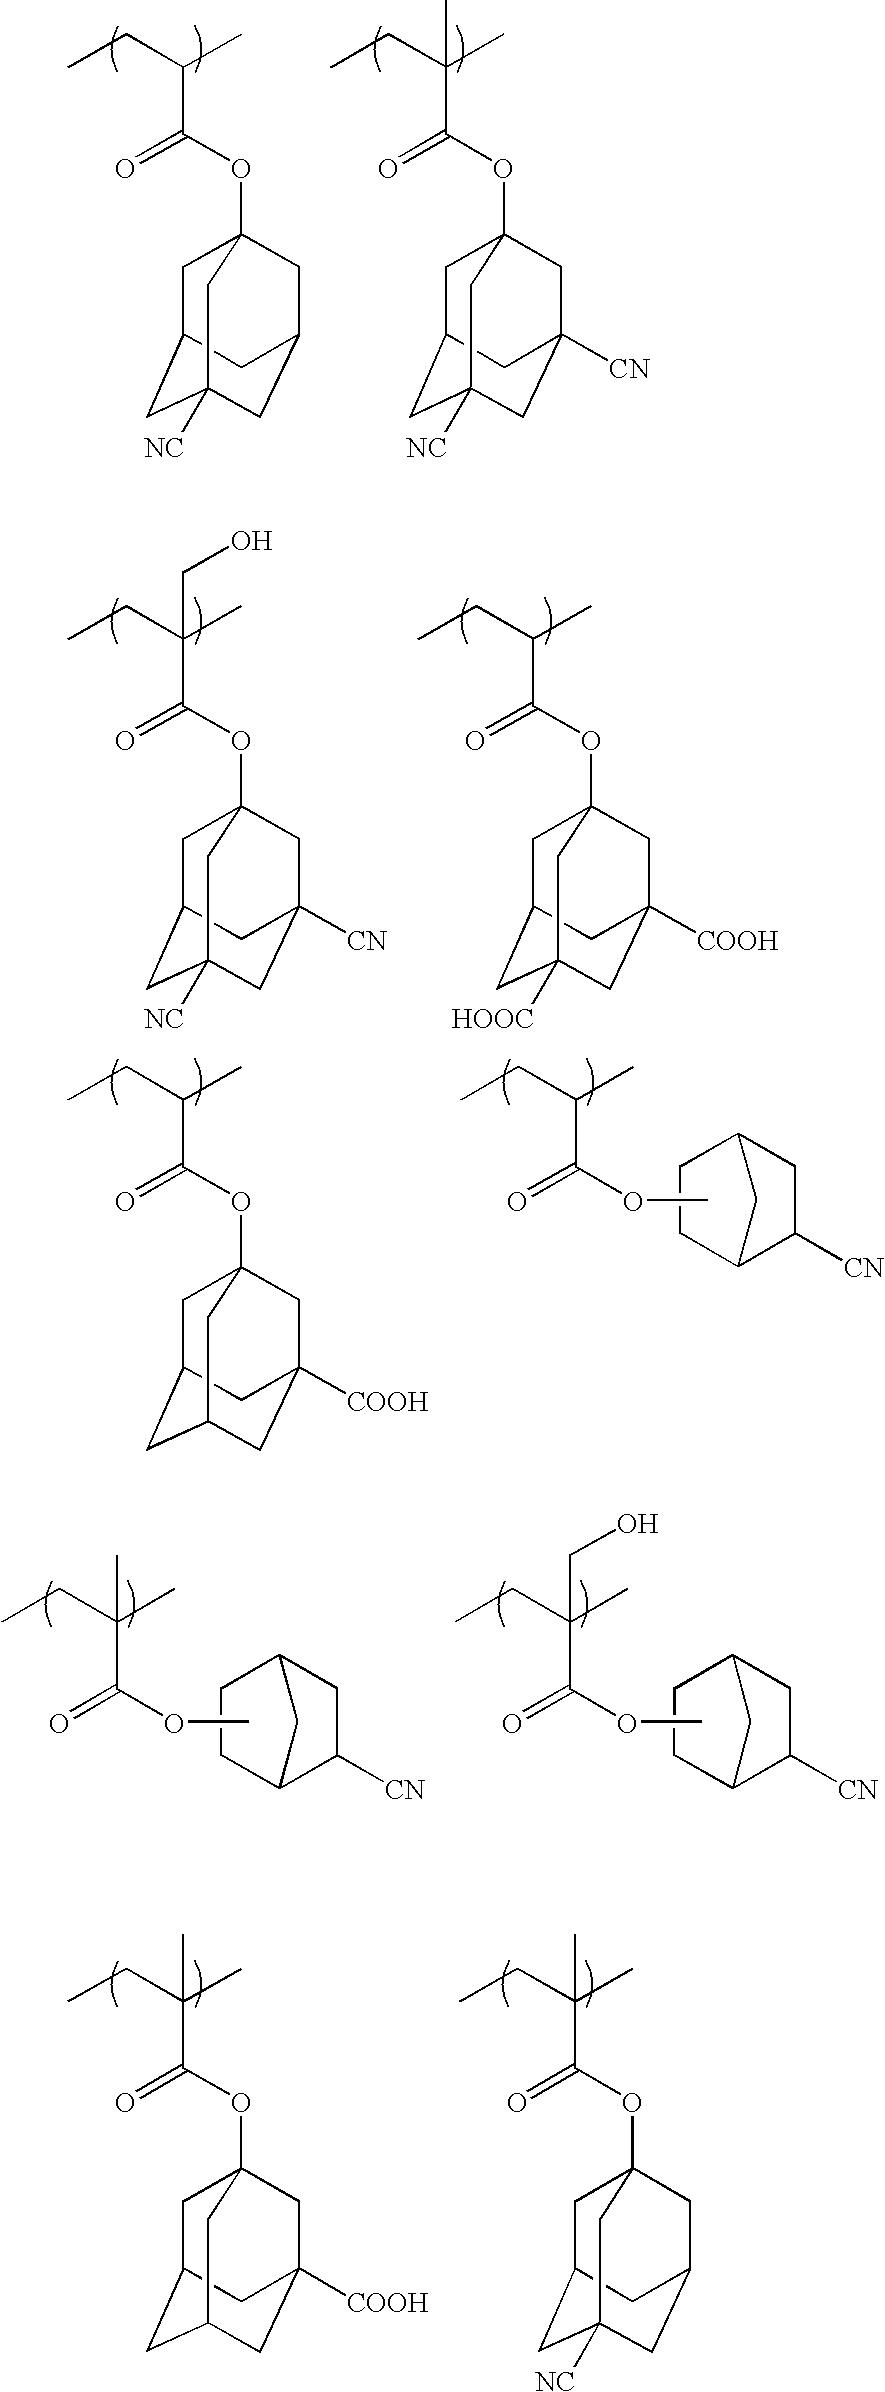 Figure US07985534-20110726-C00036